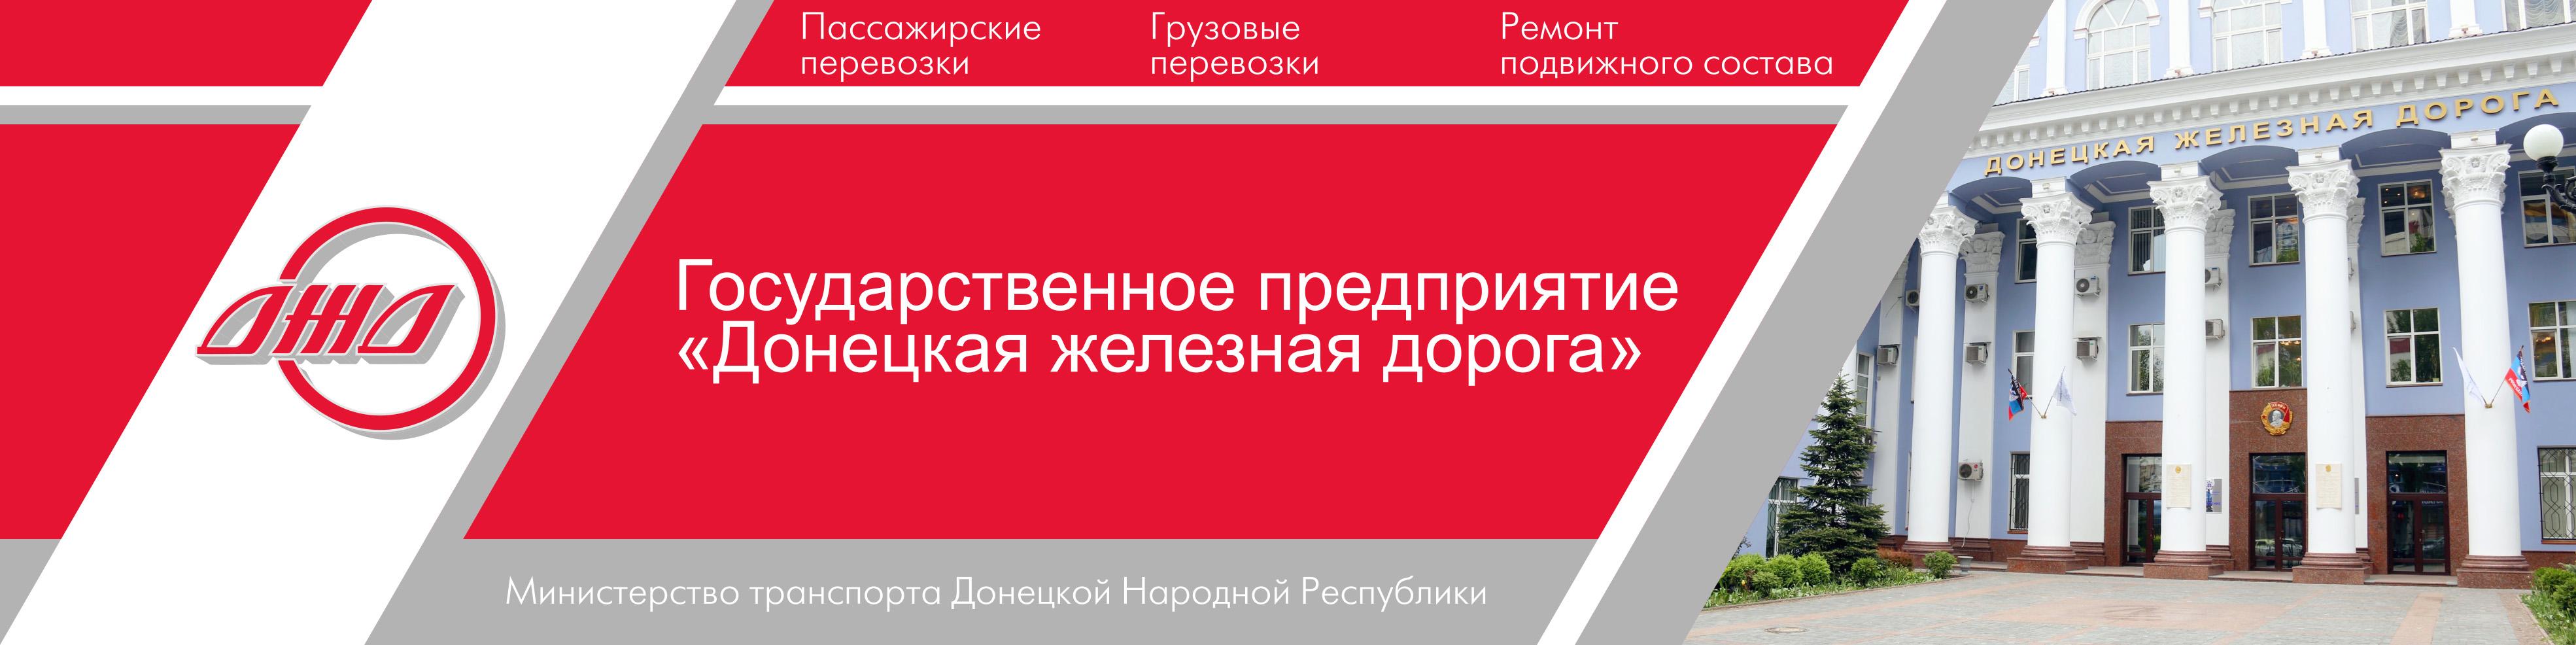 ГП Донецкая железная дорога Донецкая Народная республика